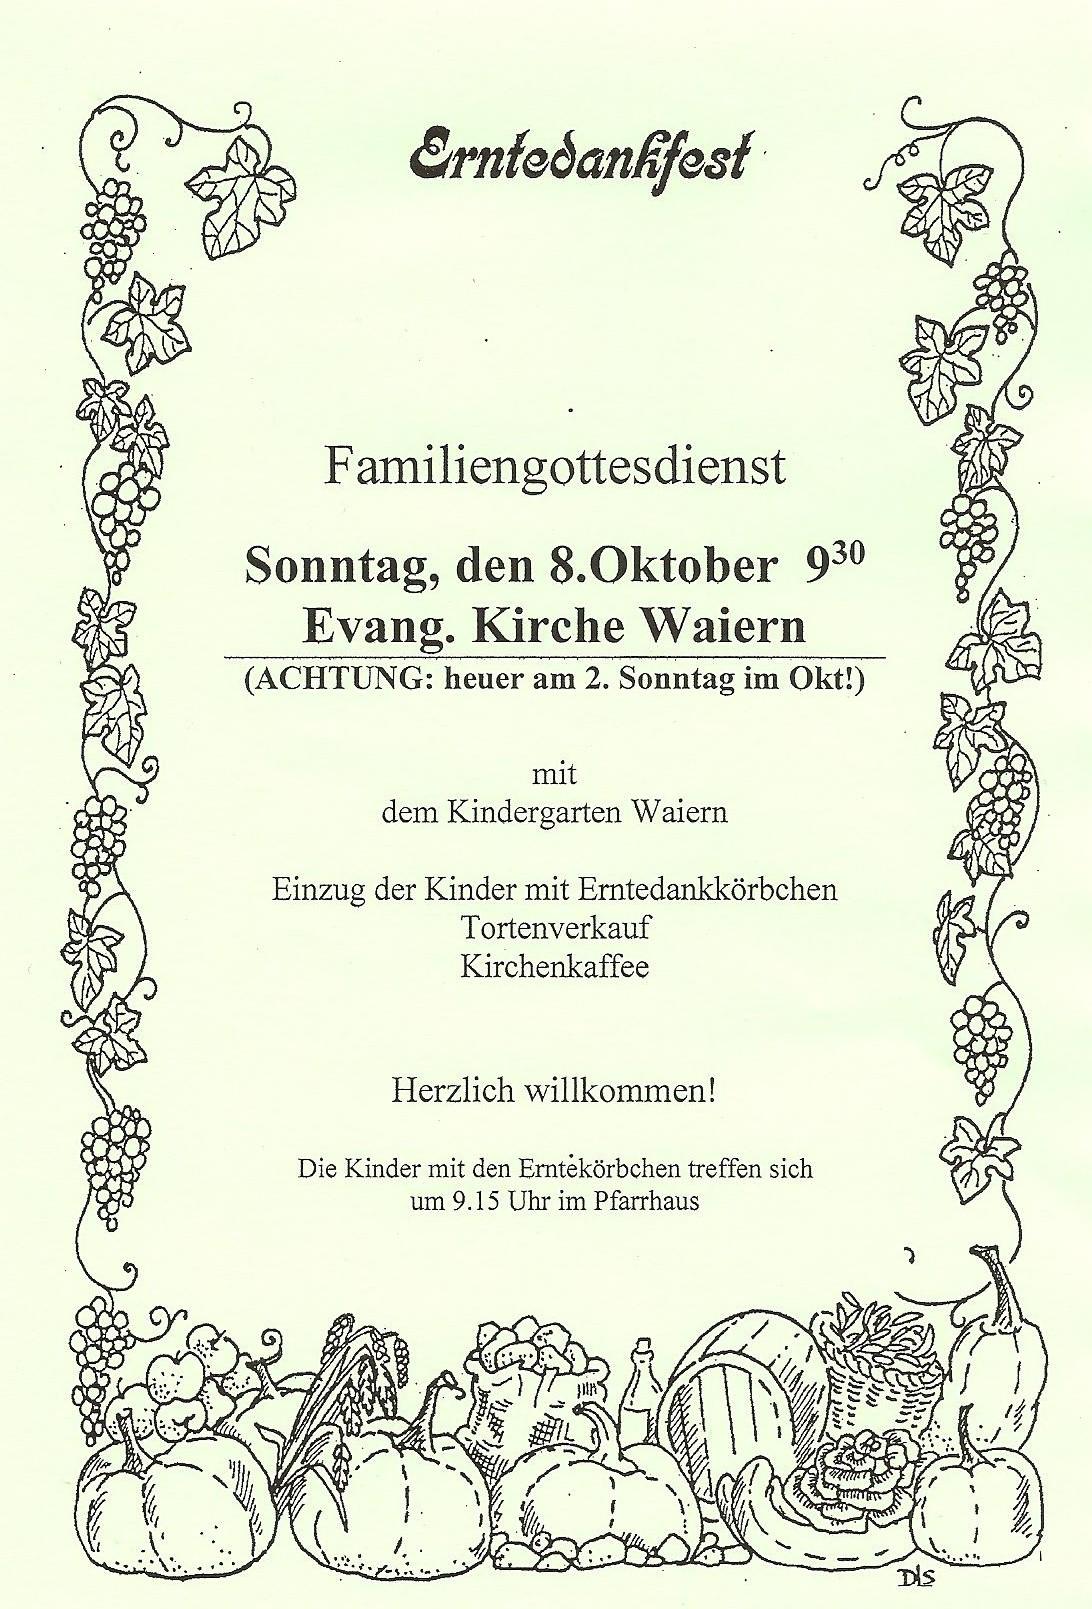 Texte Zum Erntedankfest